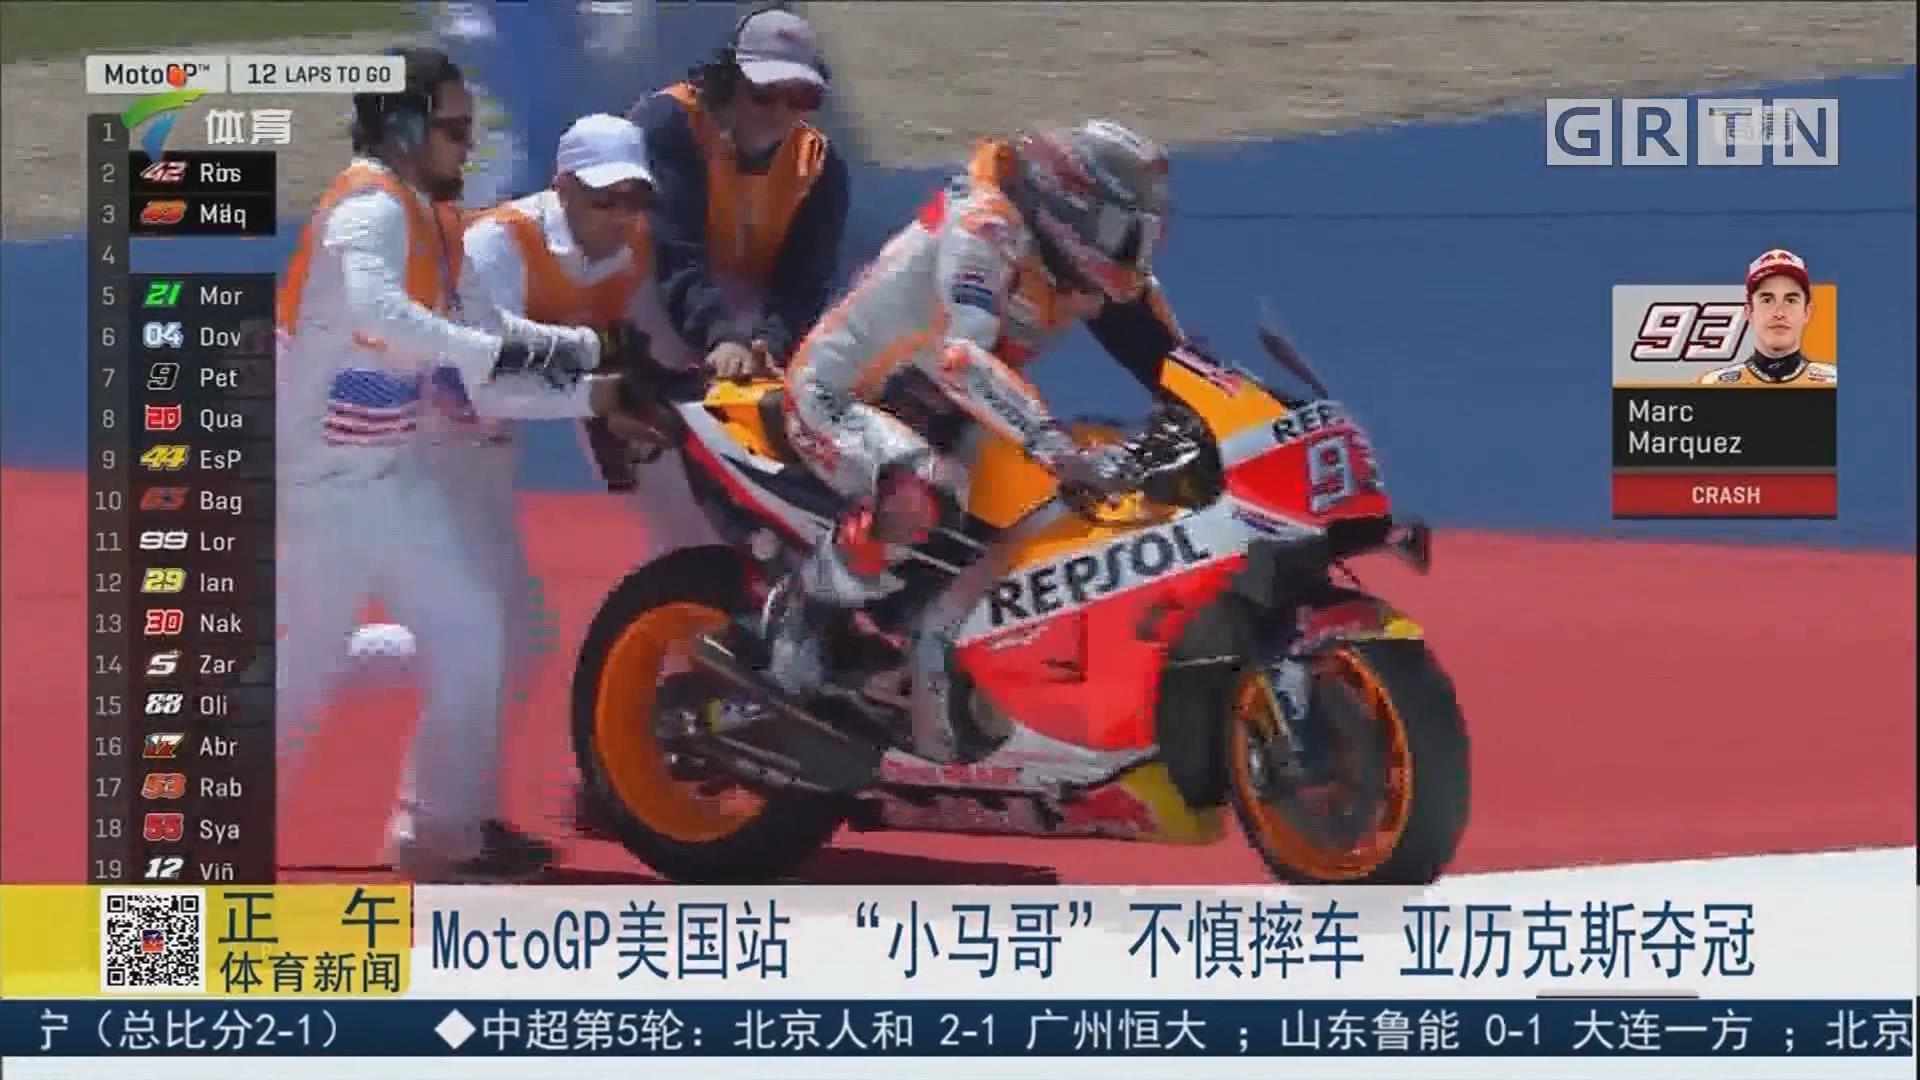 """MotoGP美国站 """"小马哥""""不慎摔车 亚历克斯夺冠"""